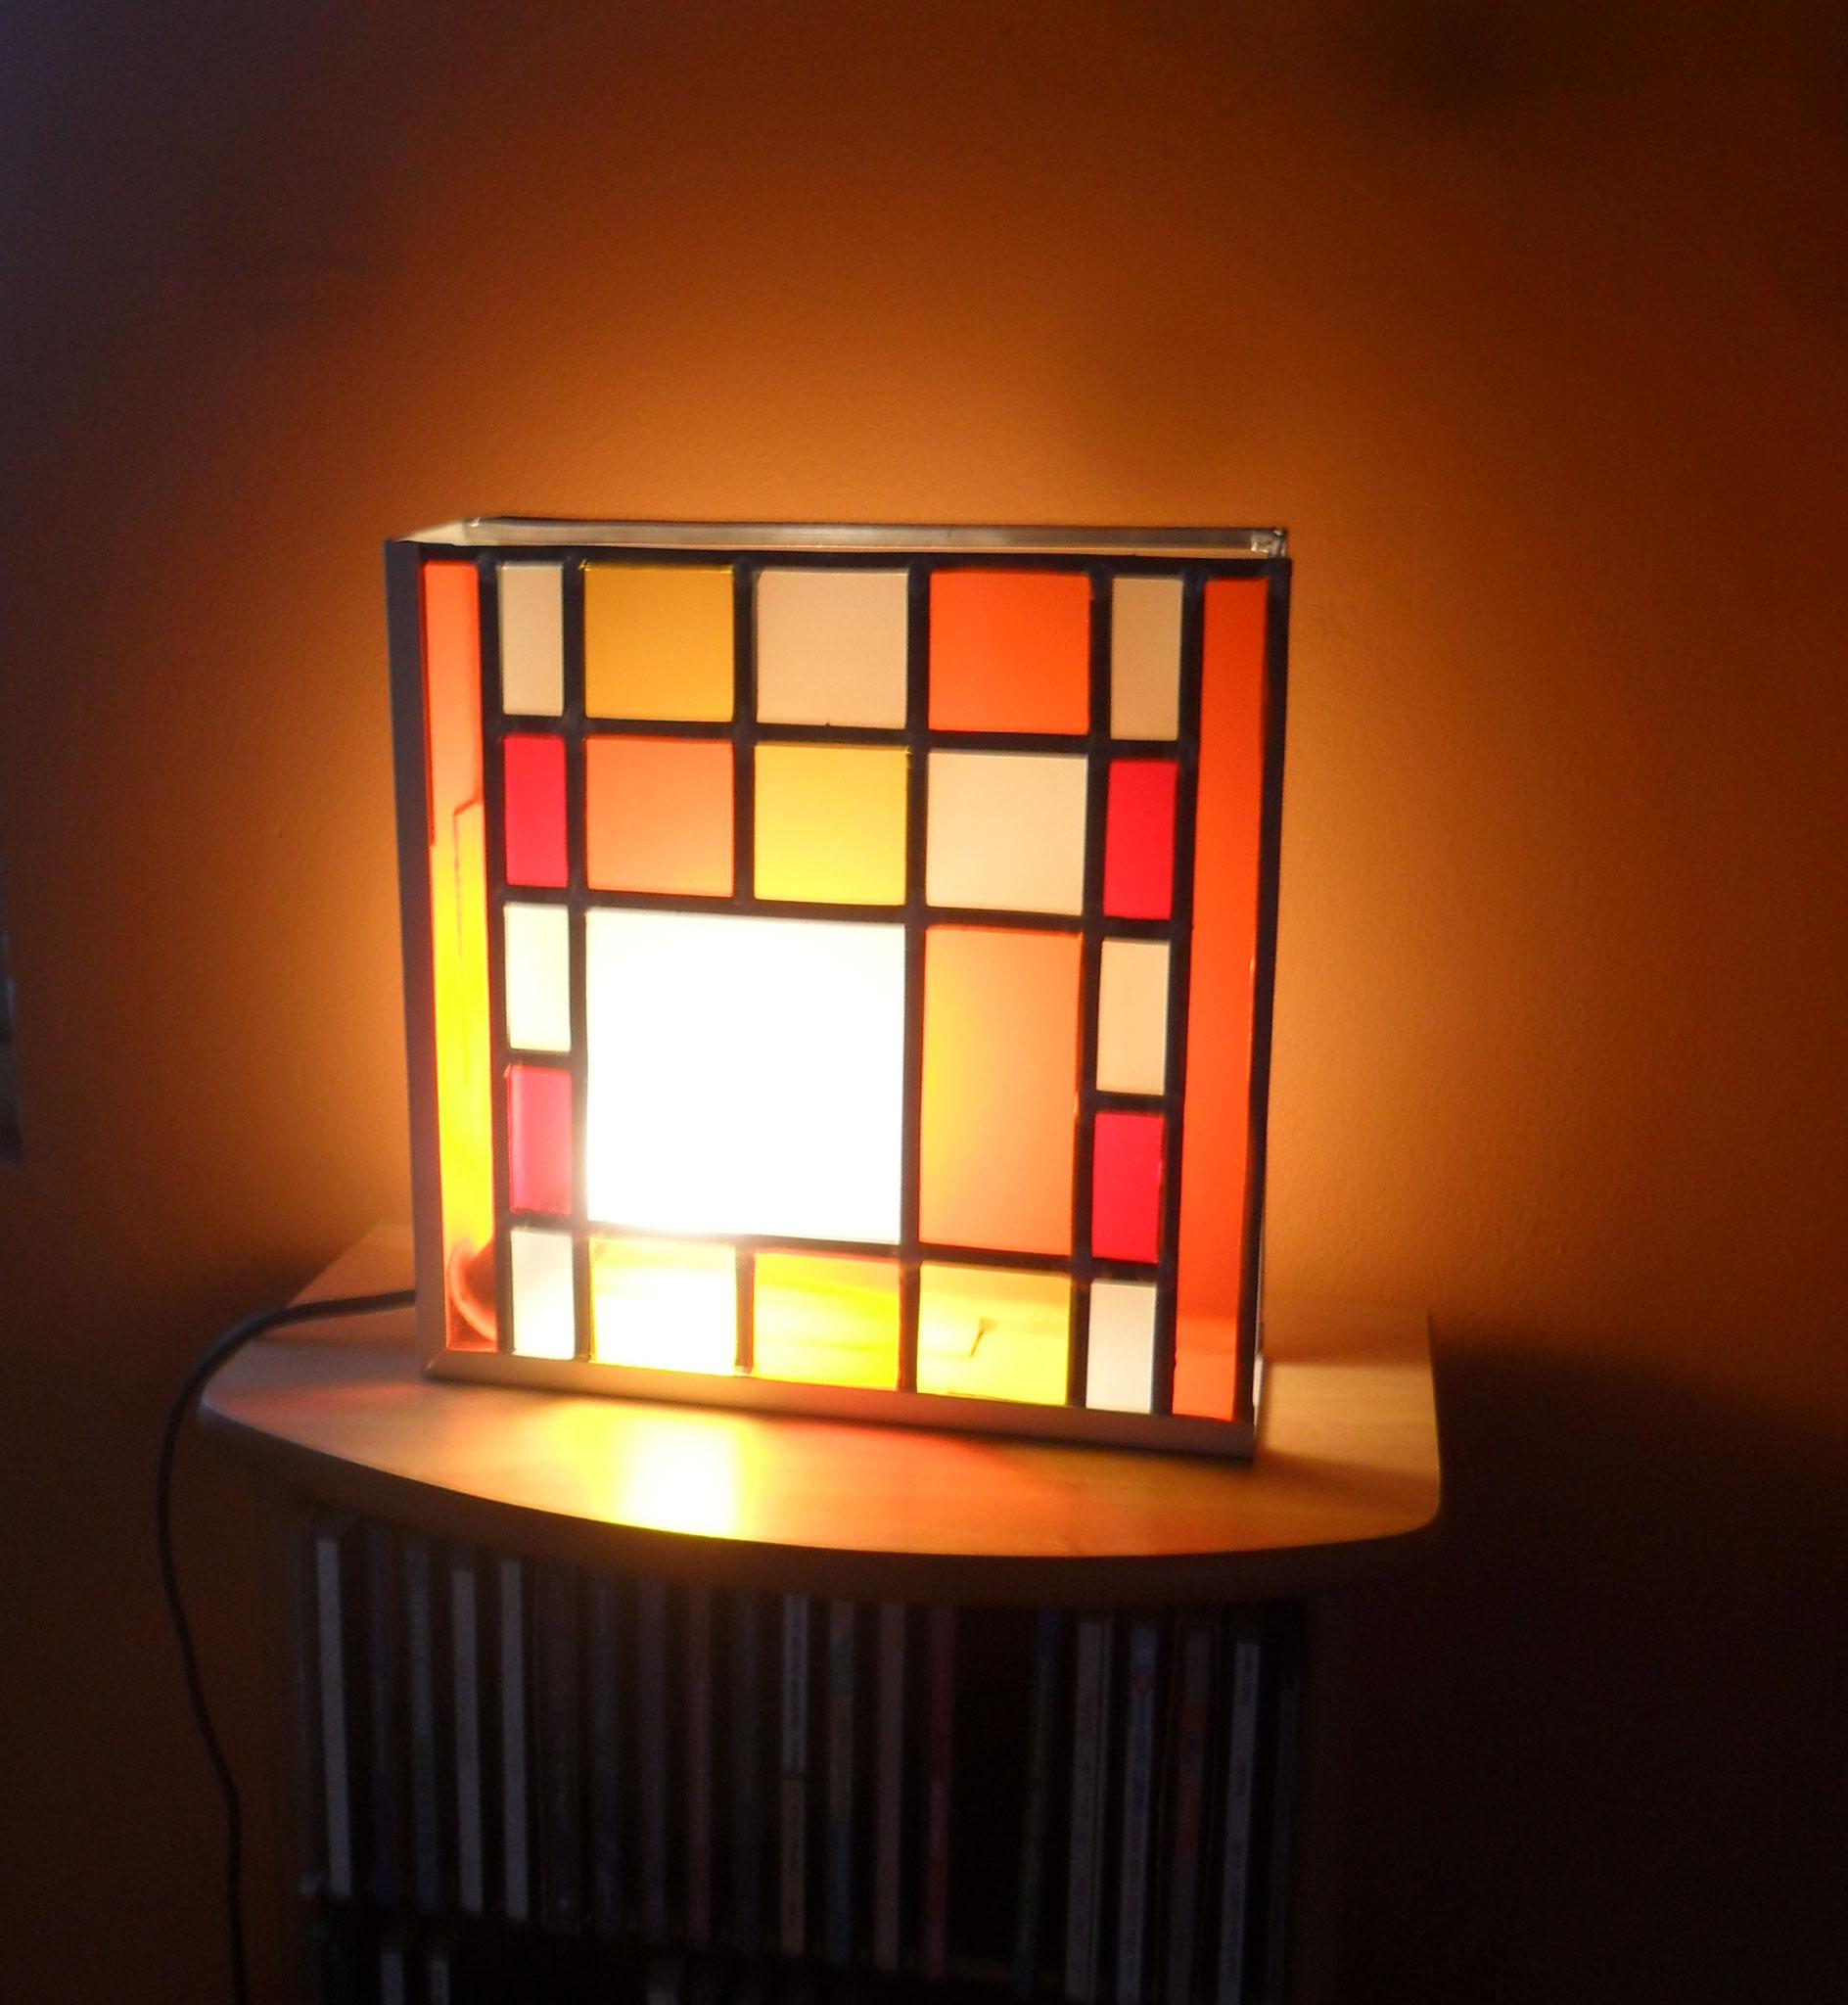 Lampe coordonnée au vitrail géométrique